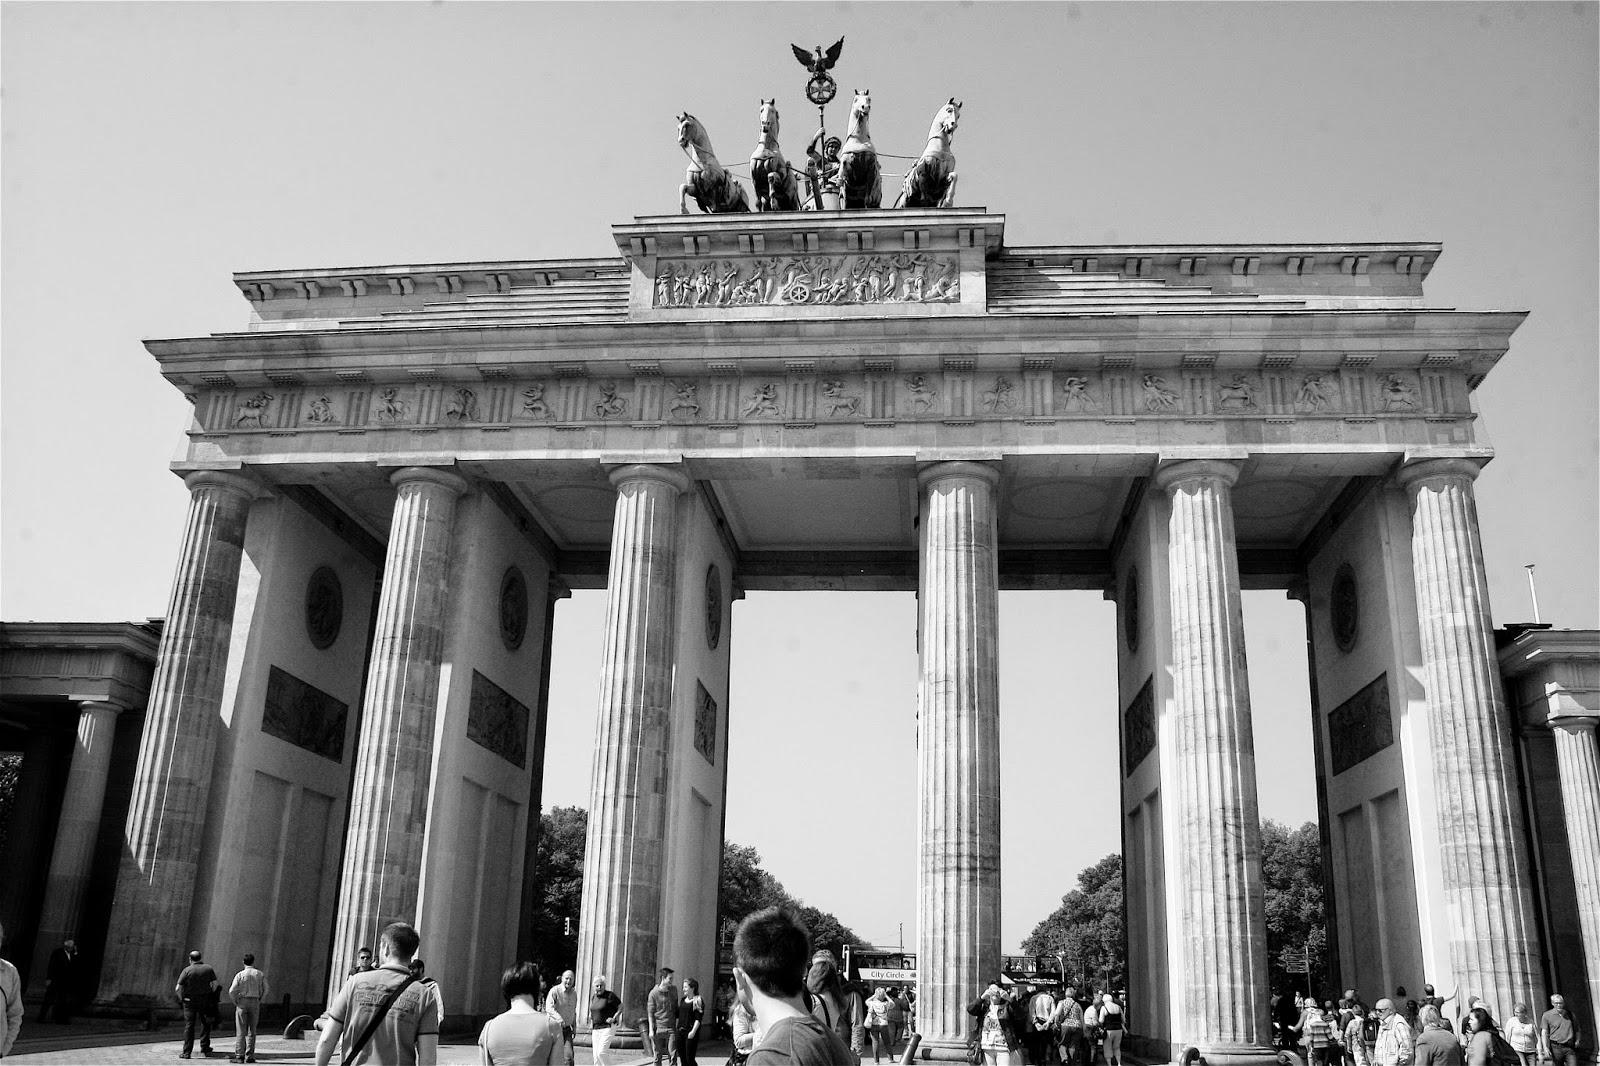 Monica brini tra trecento metri girate a destra berlino - Berlino porta di brandeburgo ...